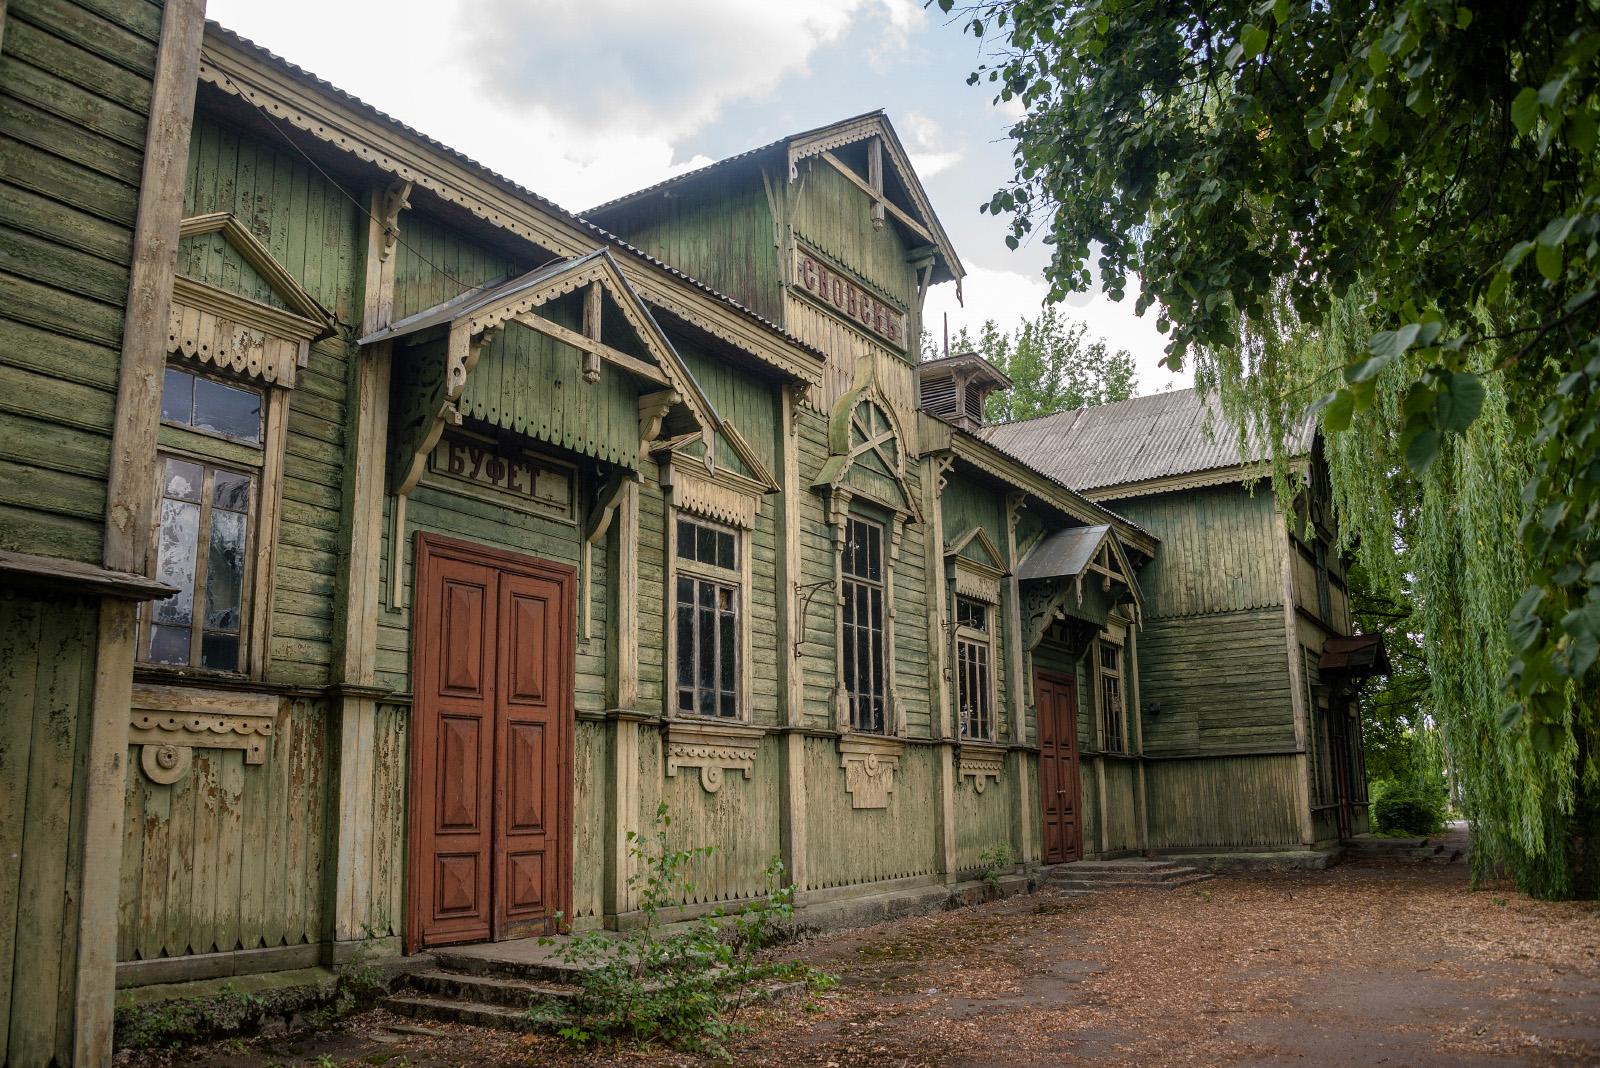 Павровозне депо, станція і колишній вокзал Сновськ. Чернігівська область, Сновський район, Сновськ